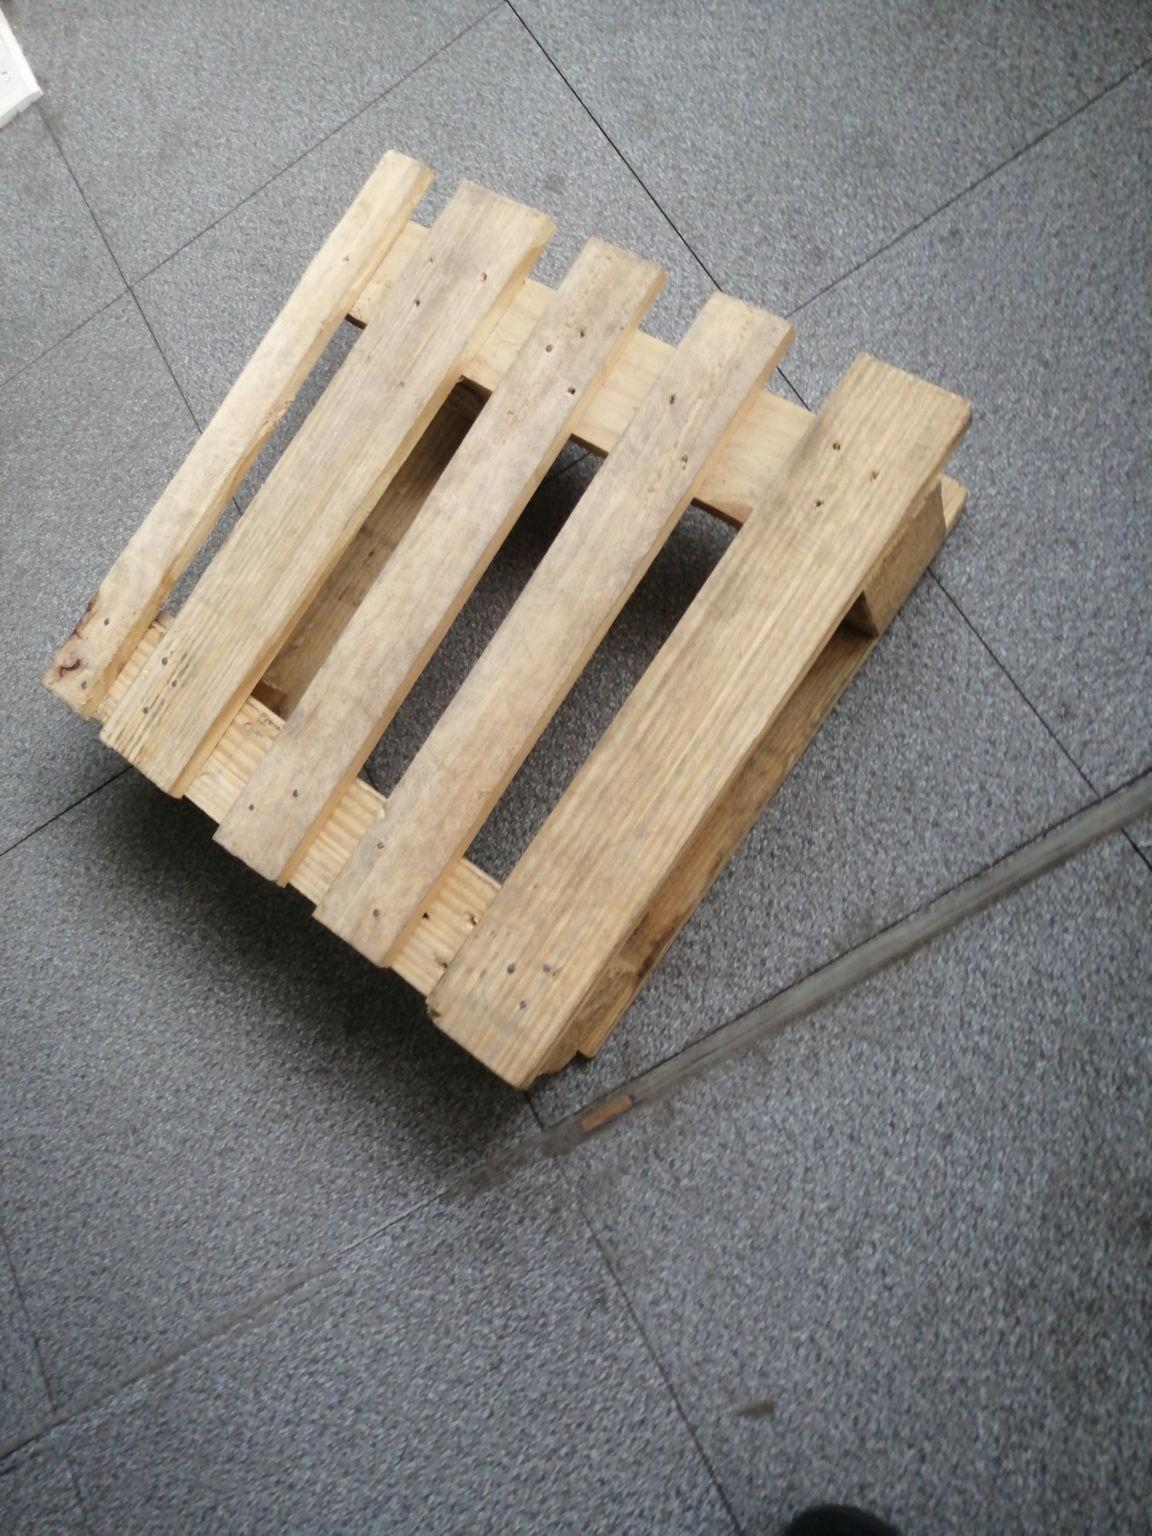 俄罗斯木材生意赚钱吗